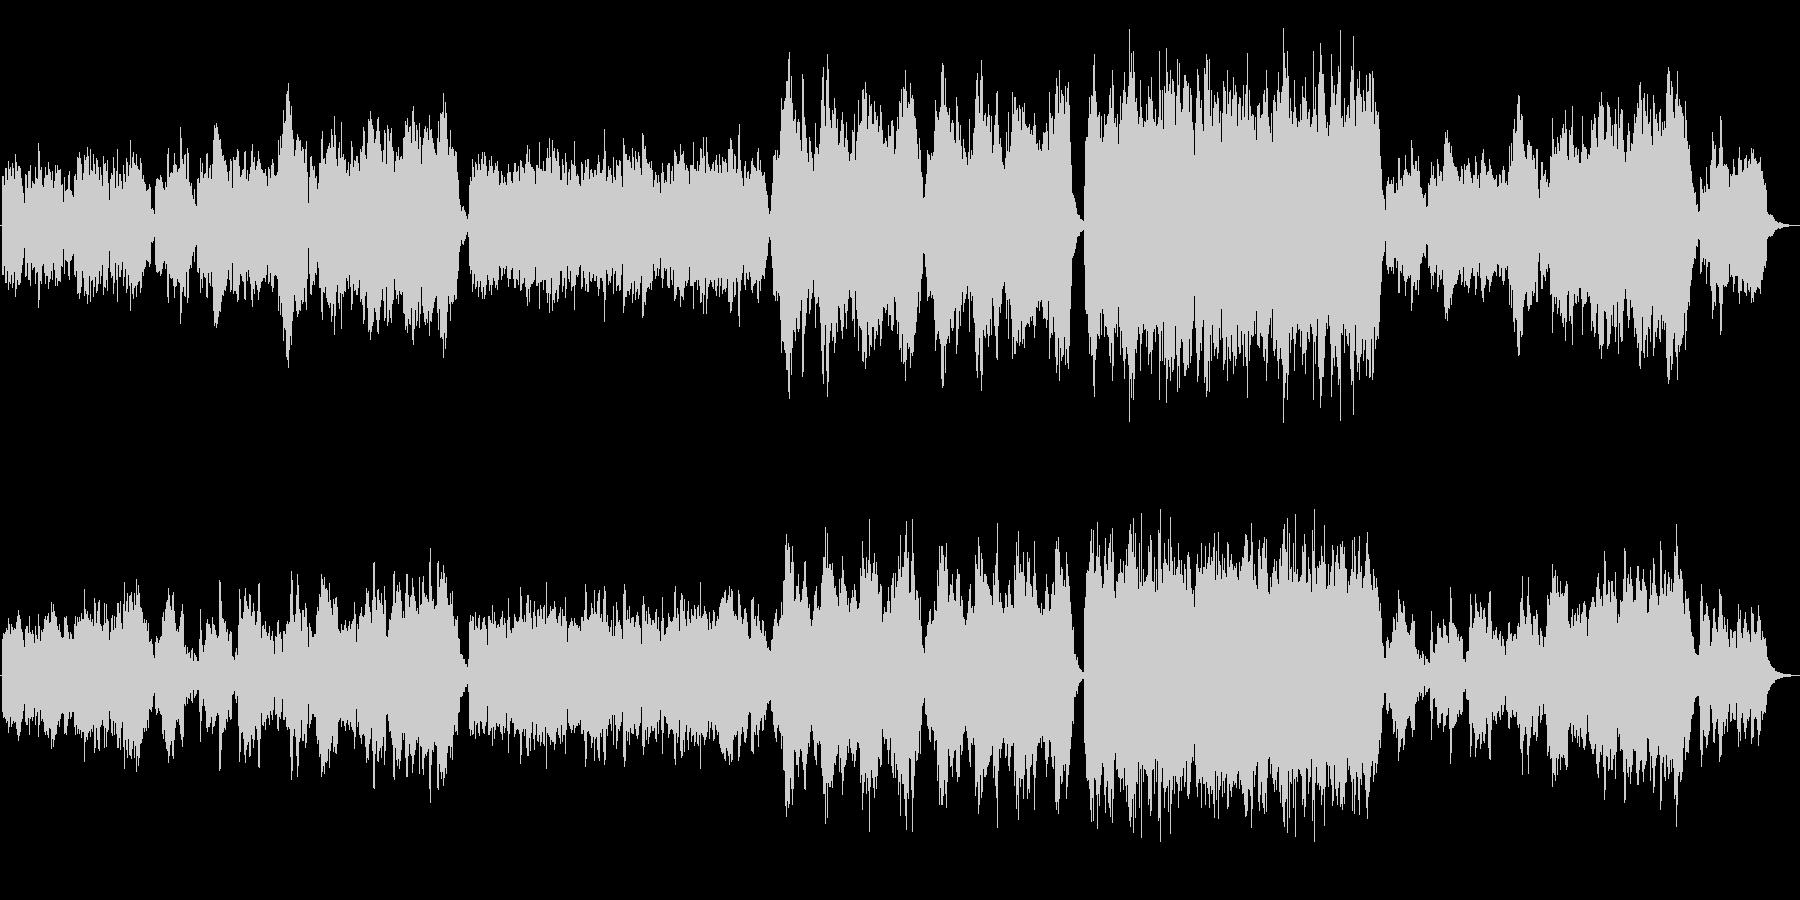 グリーンスリーヴスのアレンジ曲の未再生の波形